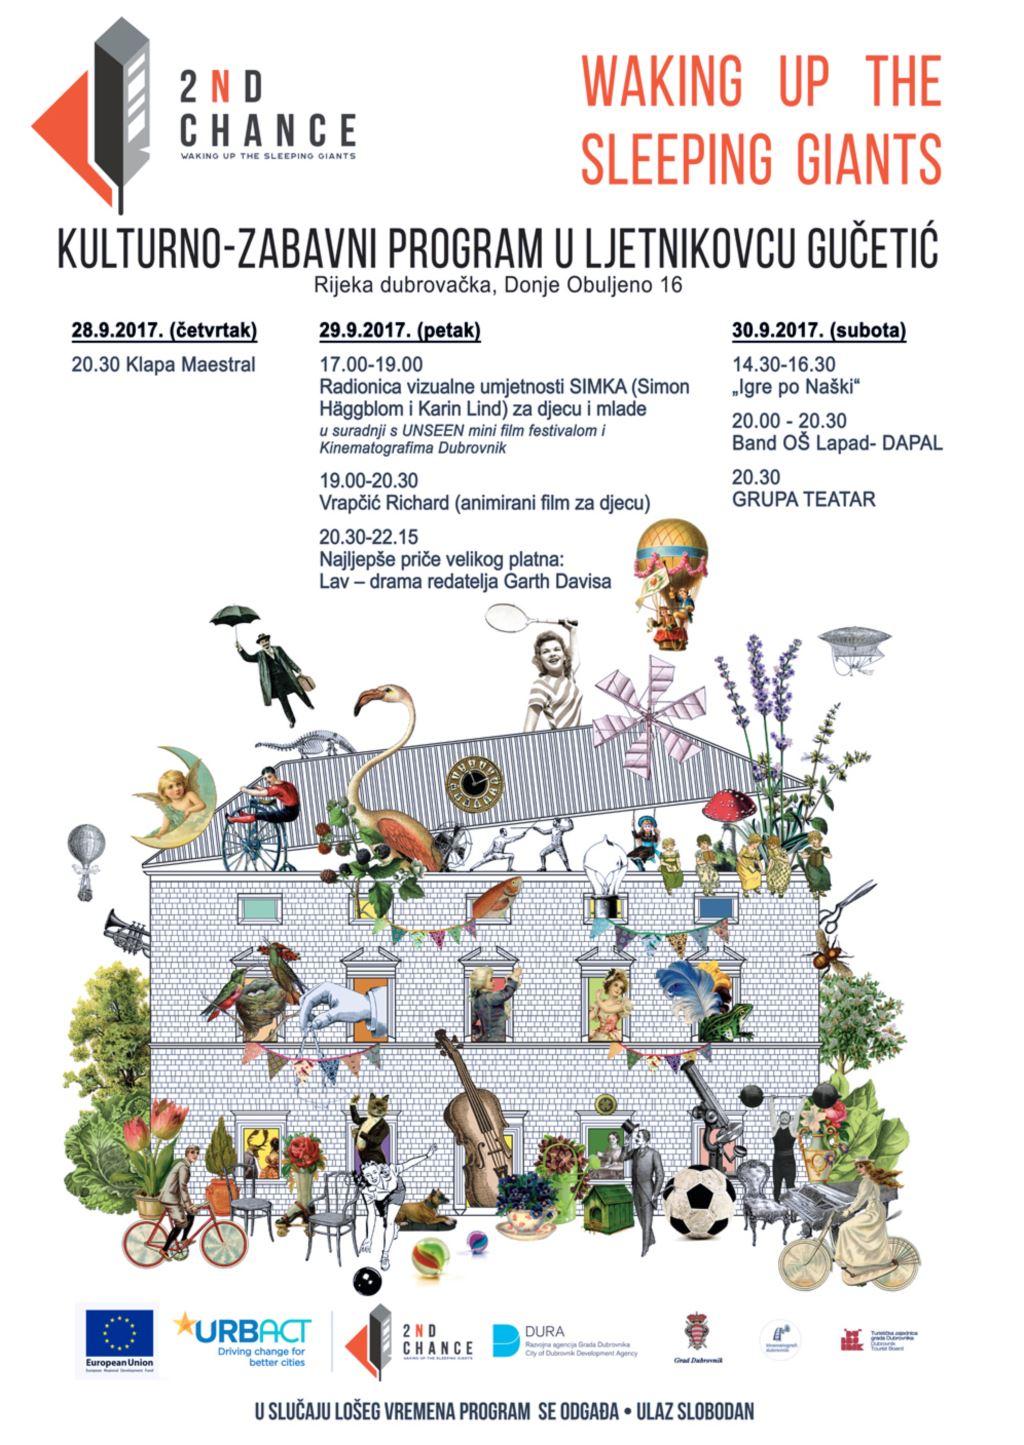 Kulturno zabavni program u ljetnikovcu Gučetić